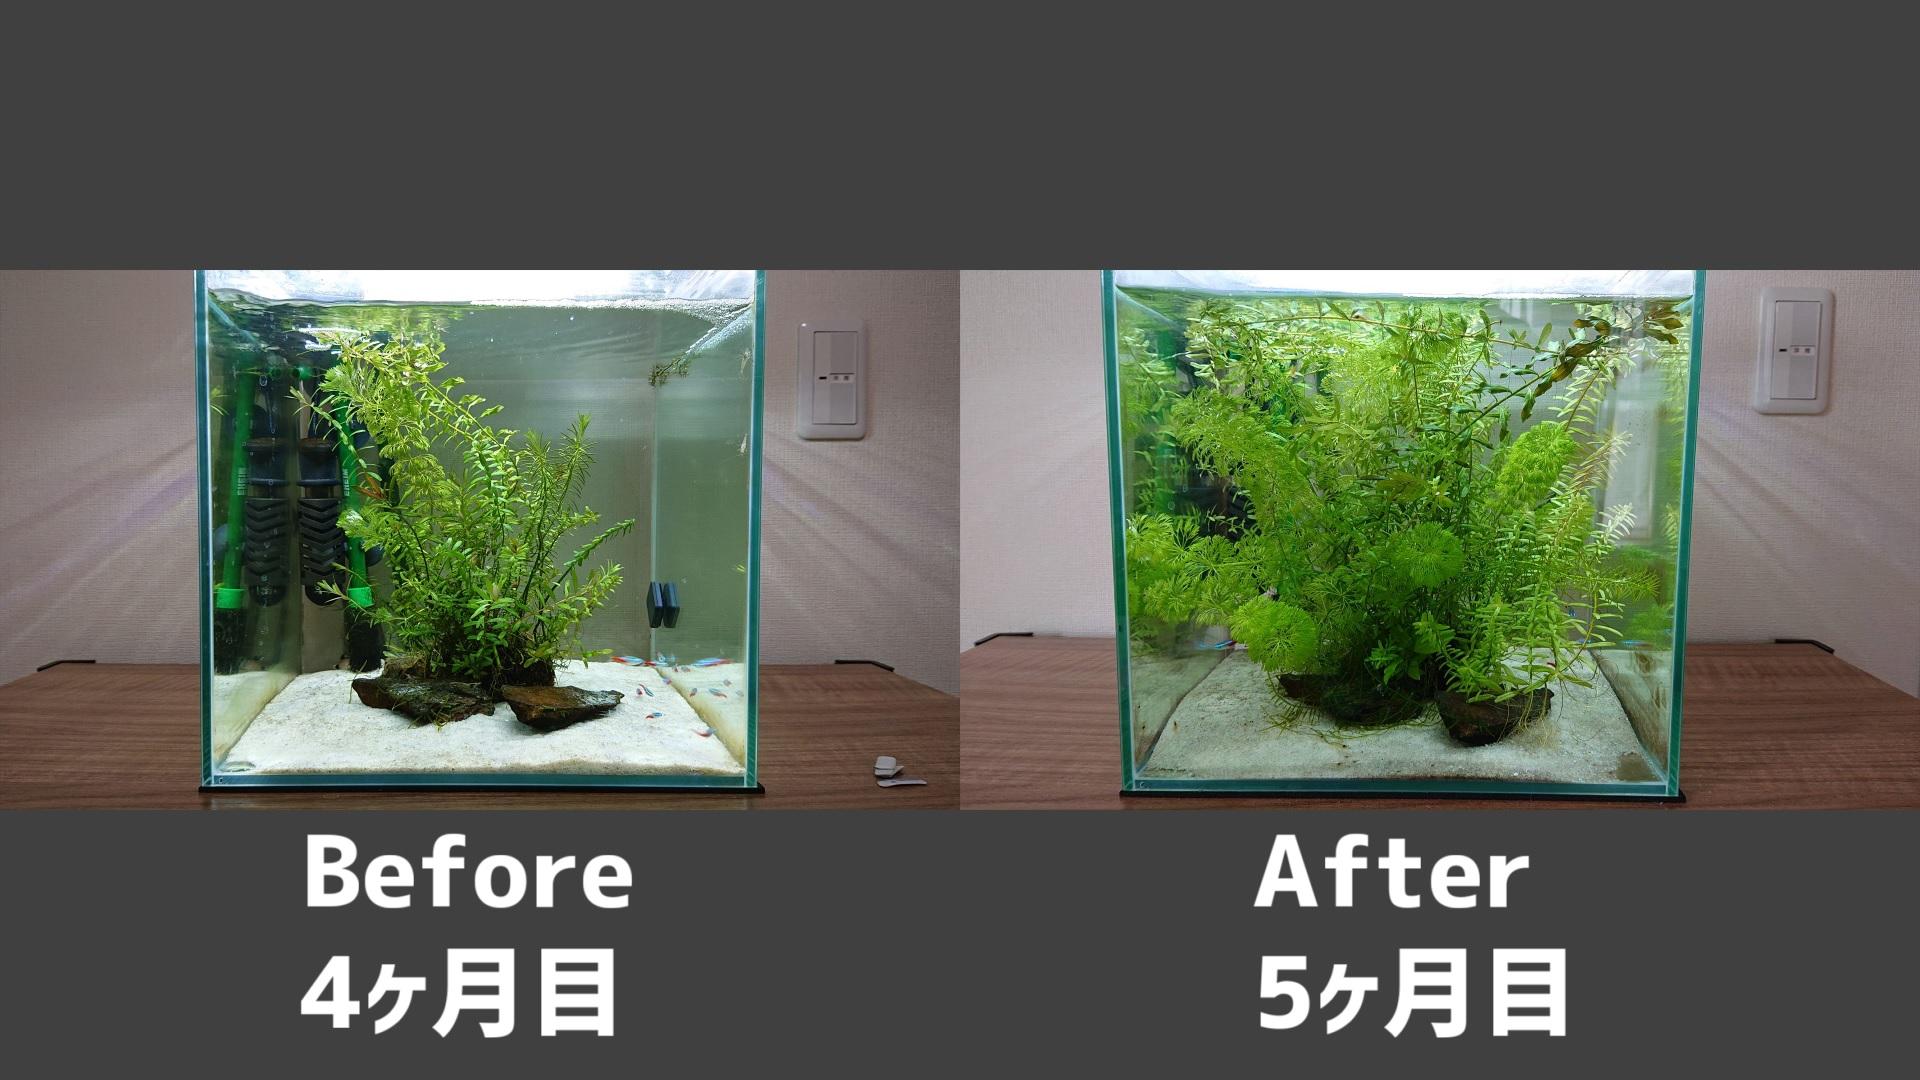 侘び草の4ヶ月目と7ヶ月目の写真比較。7ヶ月目は水草が大きく育った。